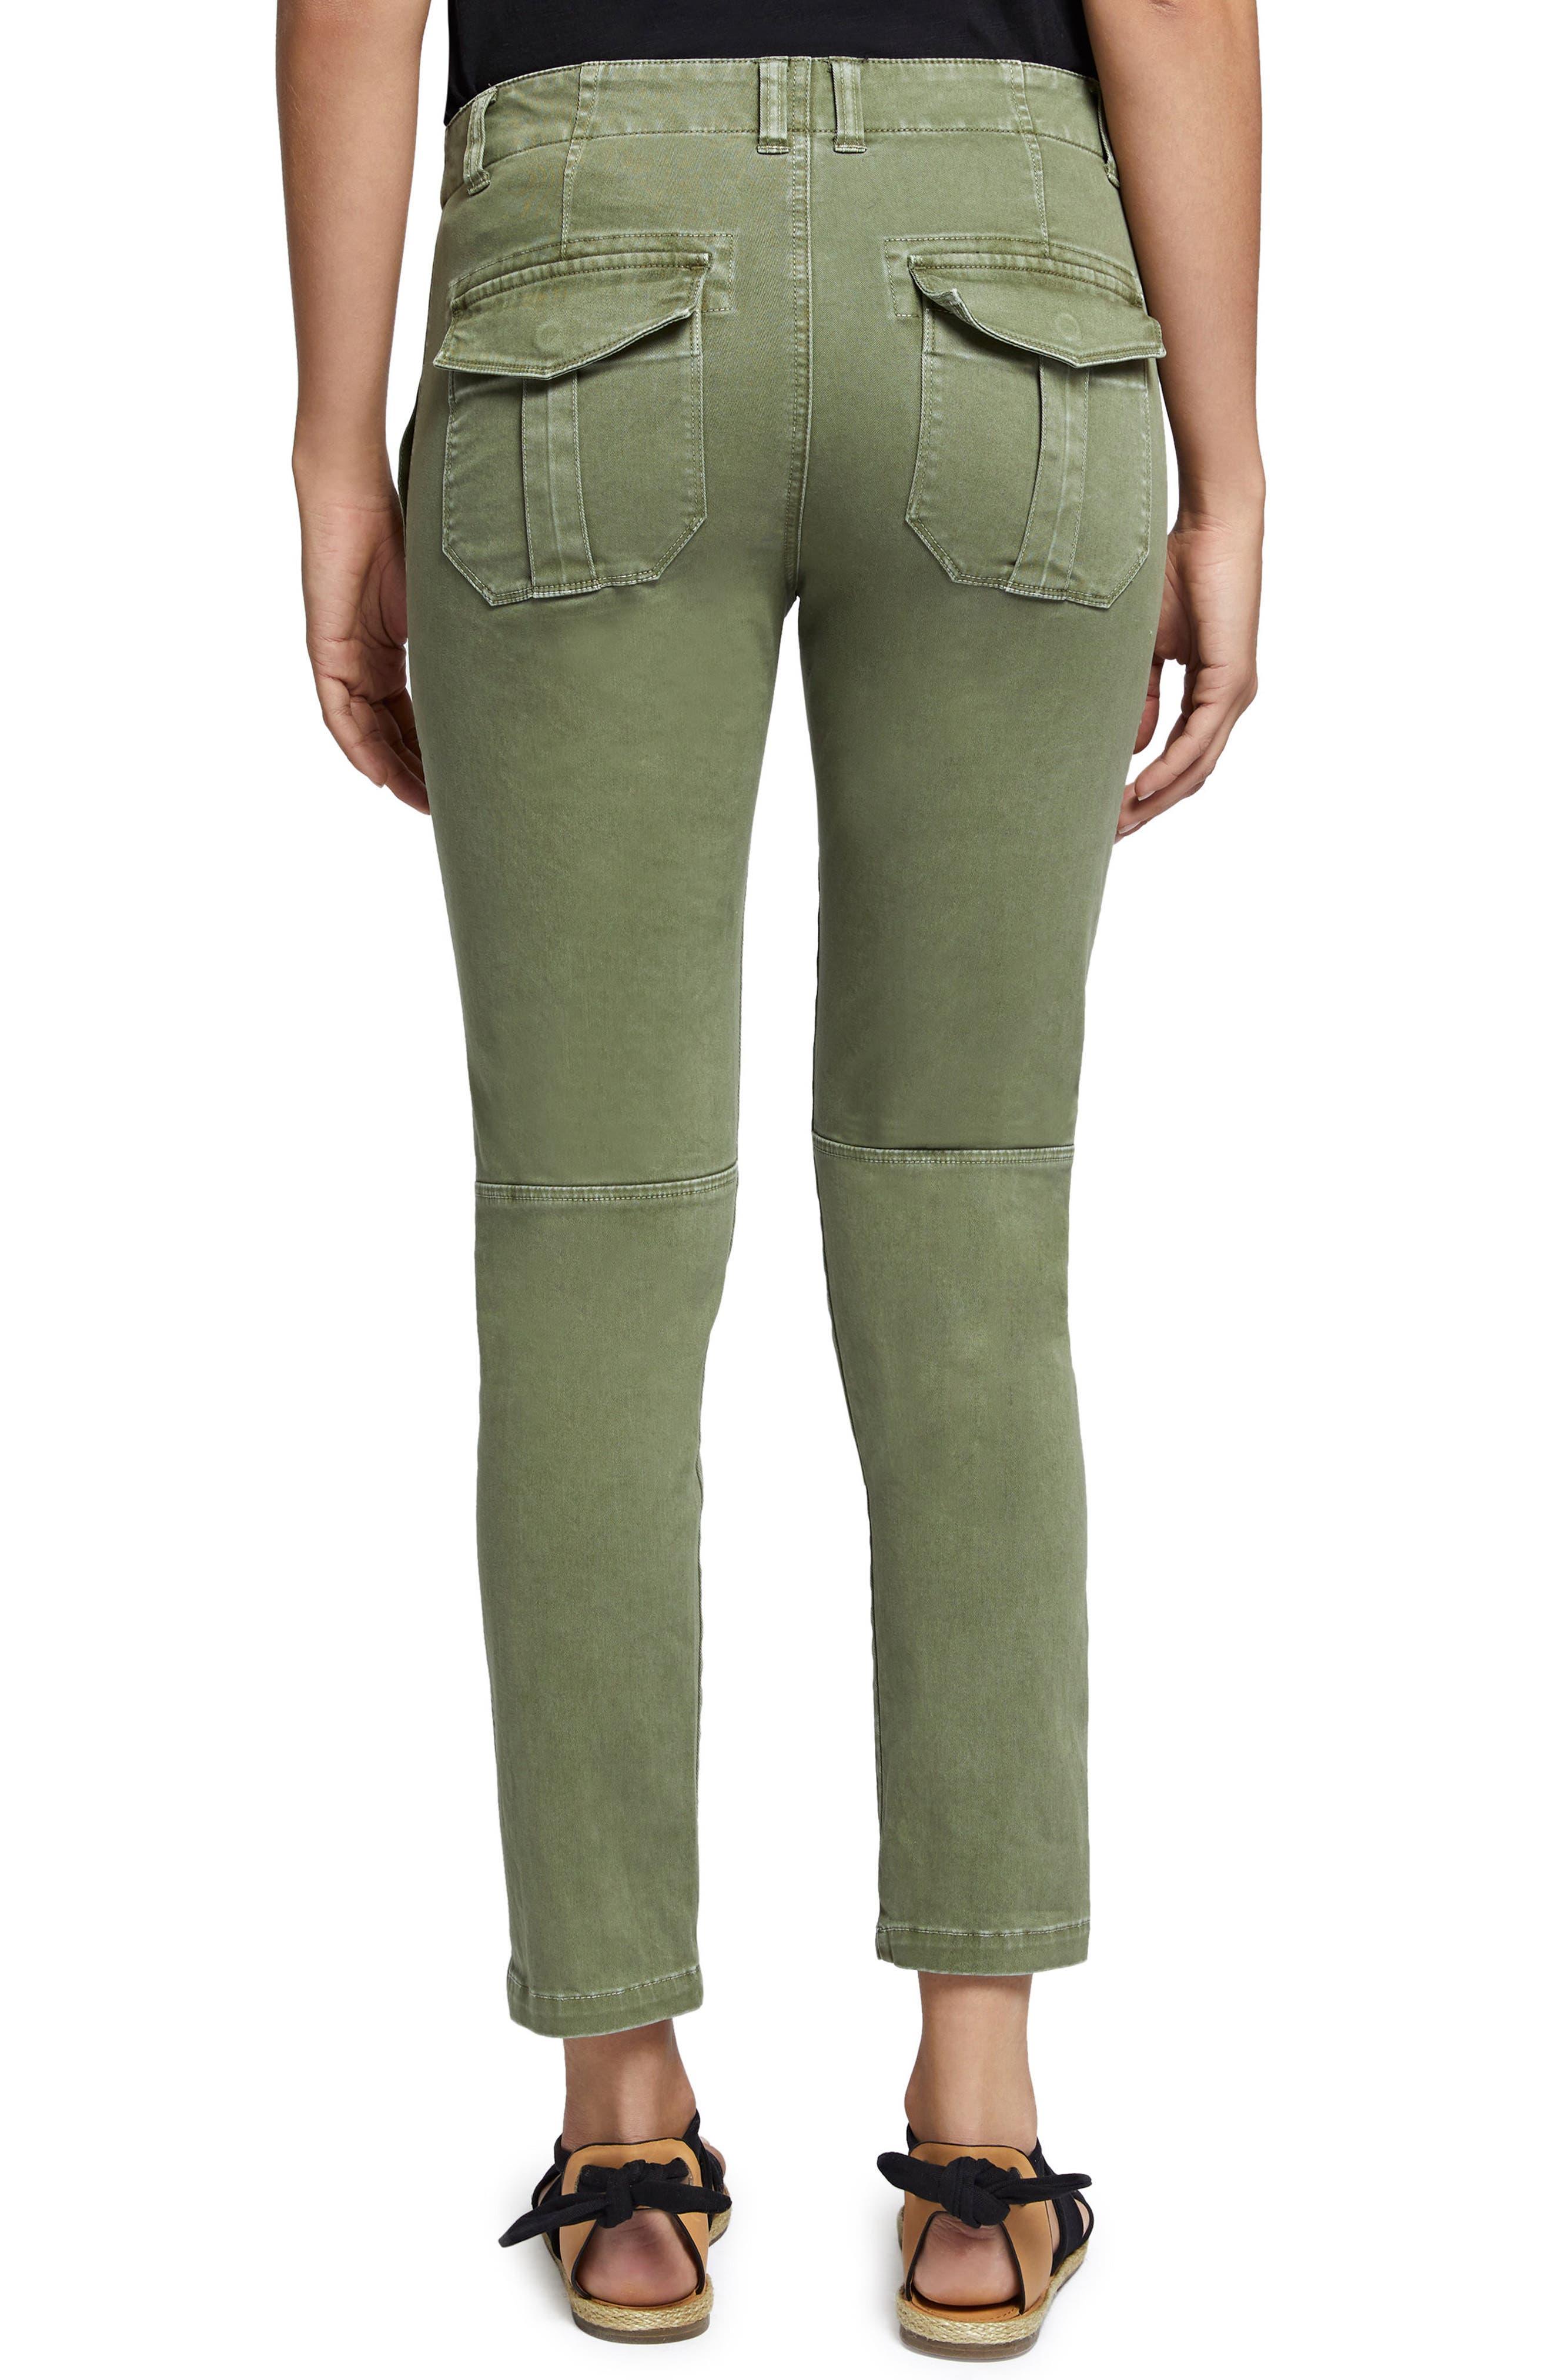 Peace Lace-Up Pants,                             Alternate thumbnail 2, color,                             Cadet